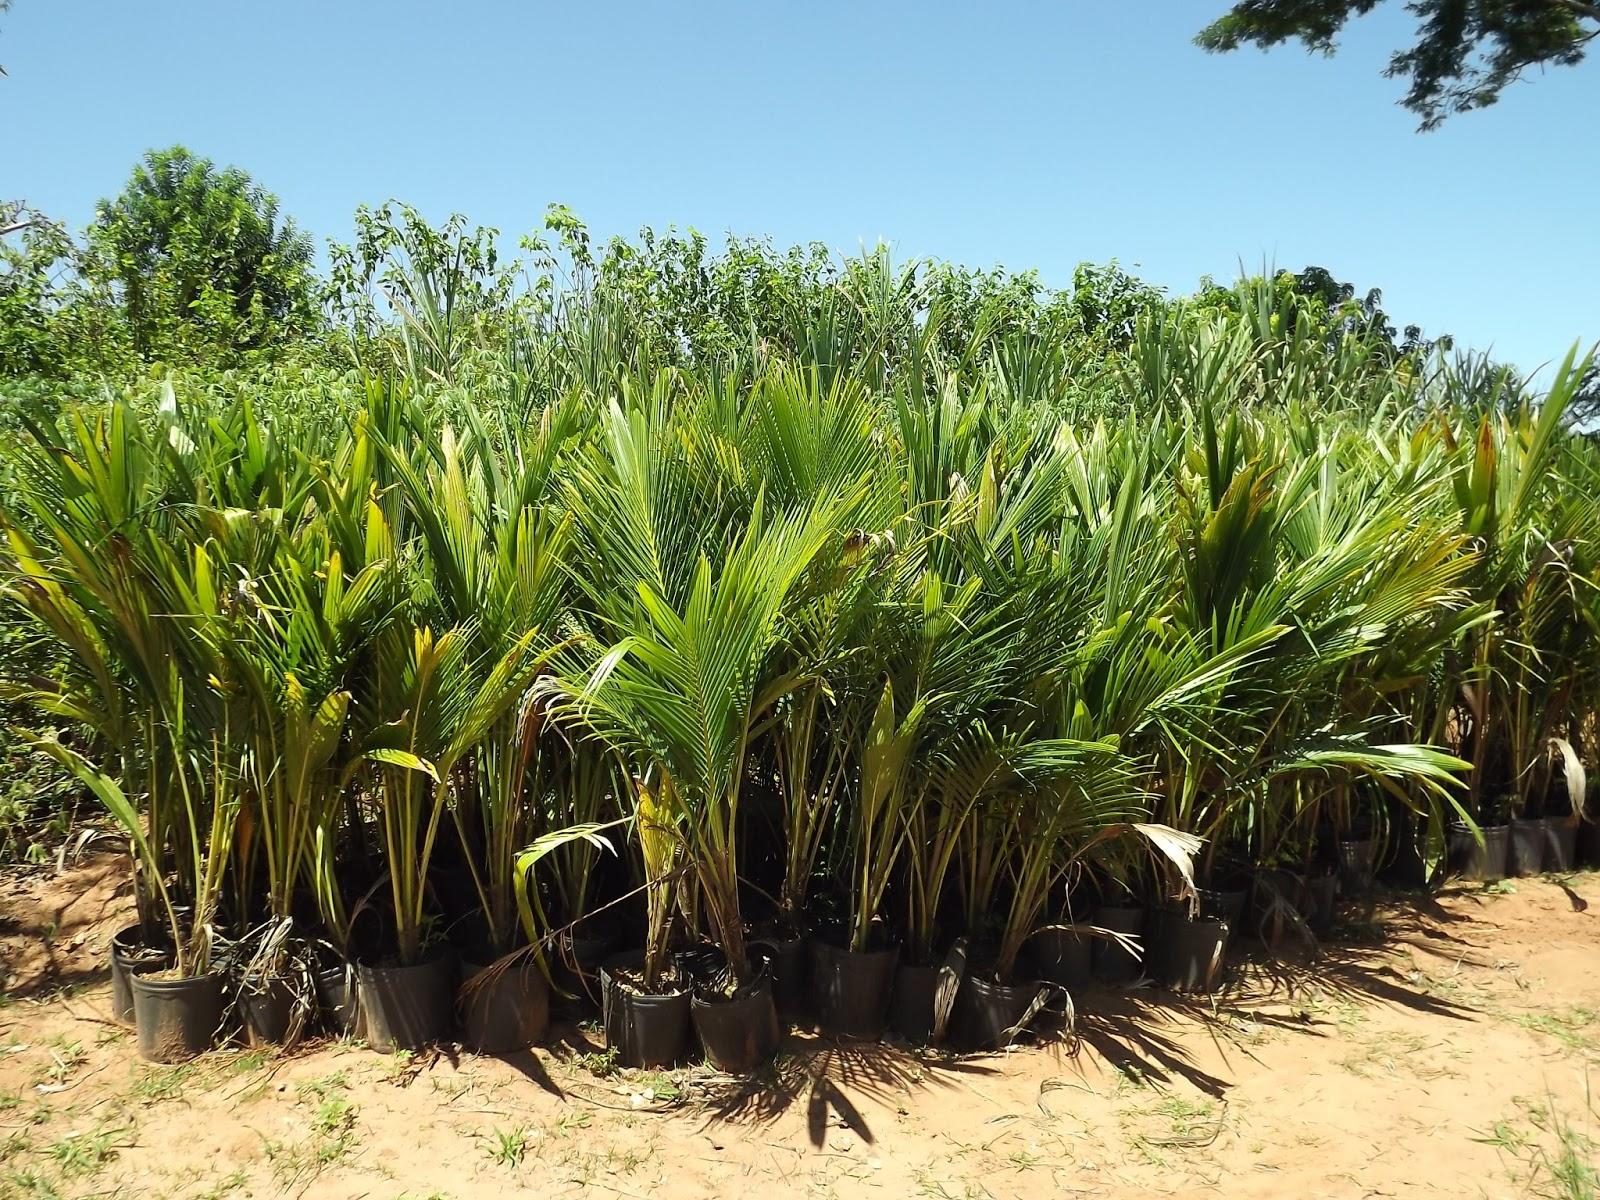 roubo de anao de jardim : roubo de anao de jardim:Coqueiro Anão – Vendas de Coco Anão: Coqueiro-anão tem cultivo